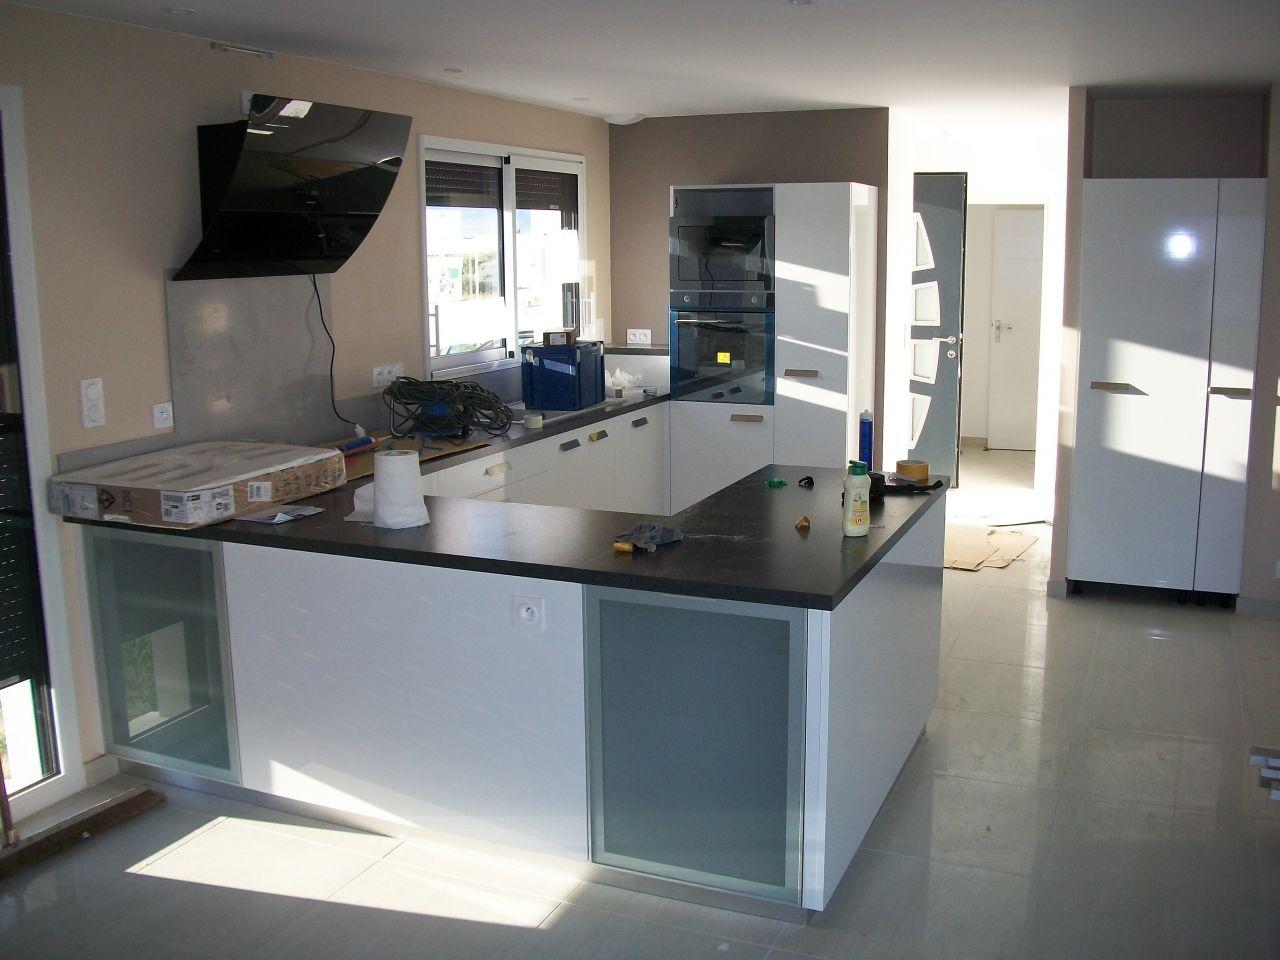 les peintures sont finies pose de la cuisine plaisance du touch haute garonne. Black Bedroom Furniture Sets. Home Design Ideas